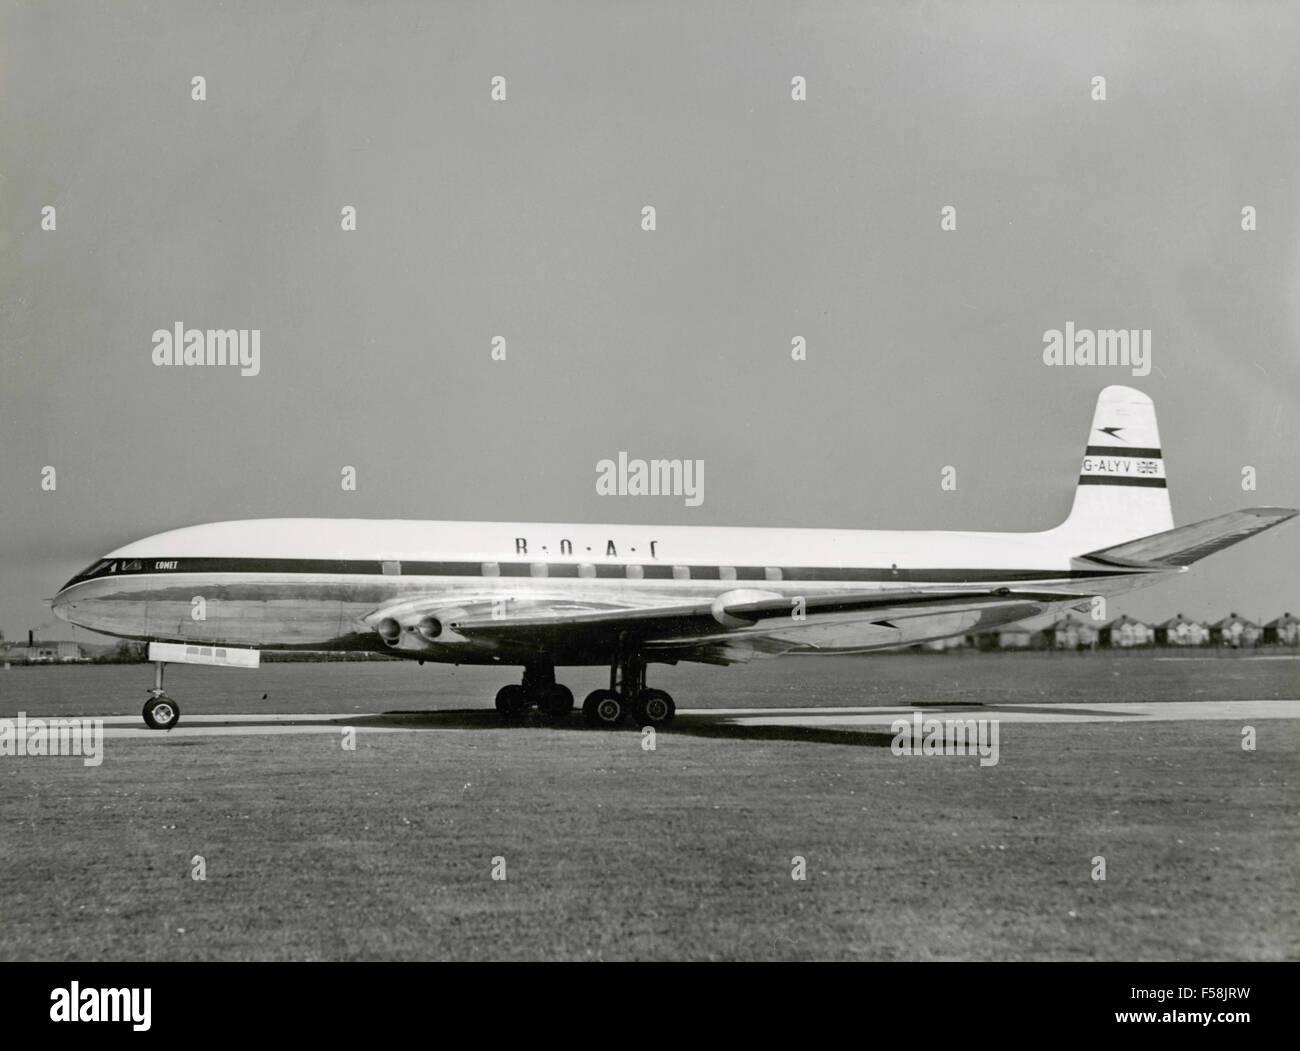 The aircraft De Havilland Comet 1 G-BOAC ALYX